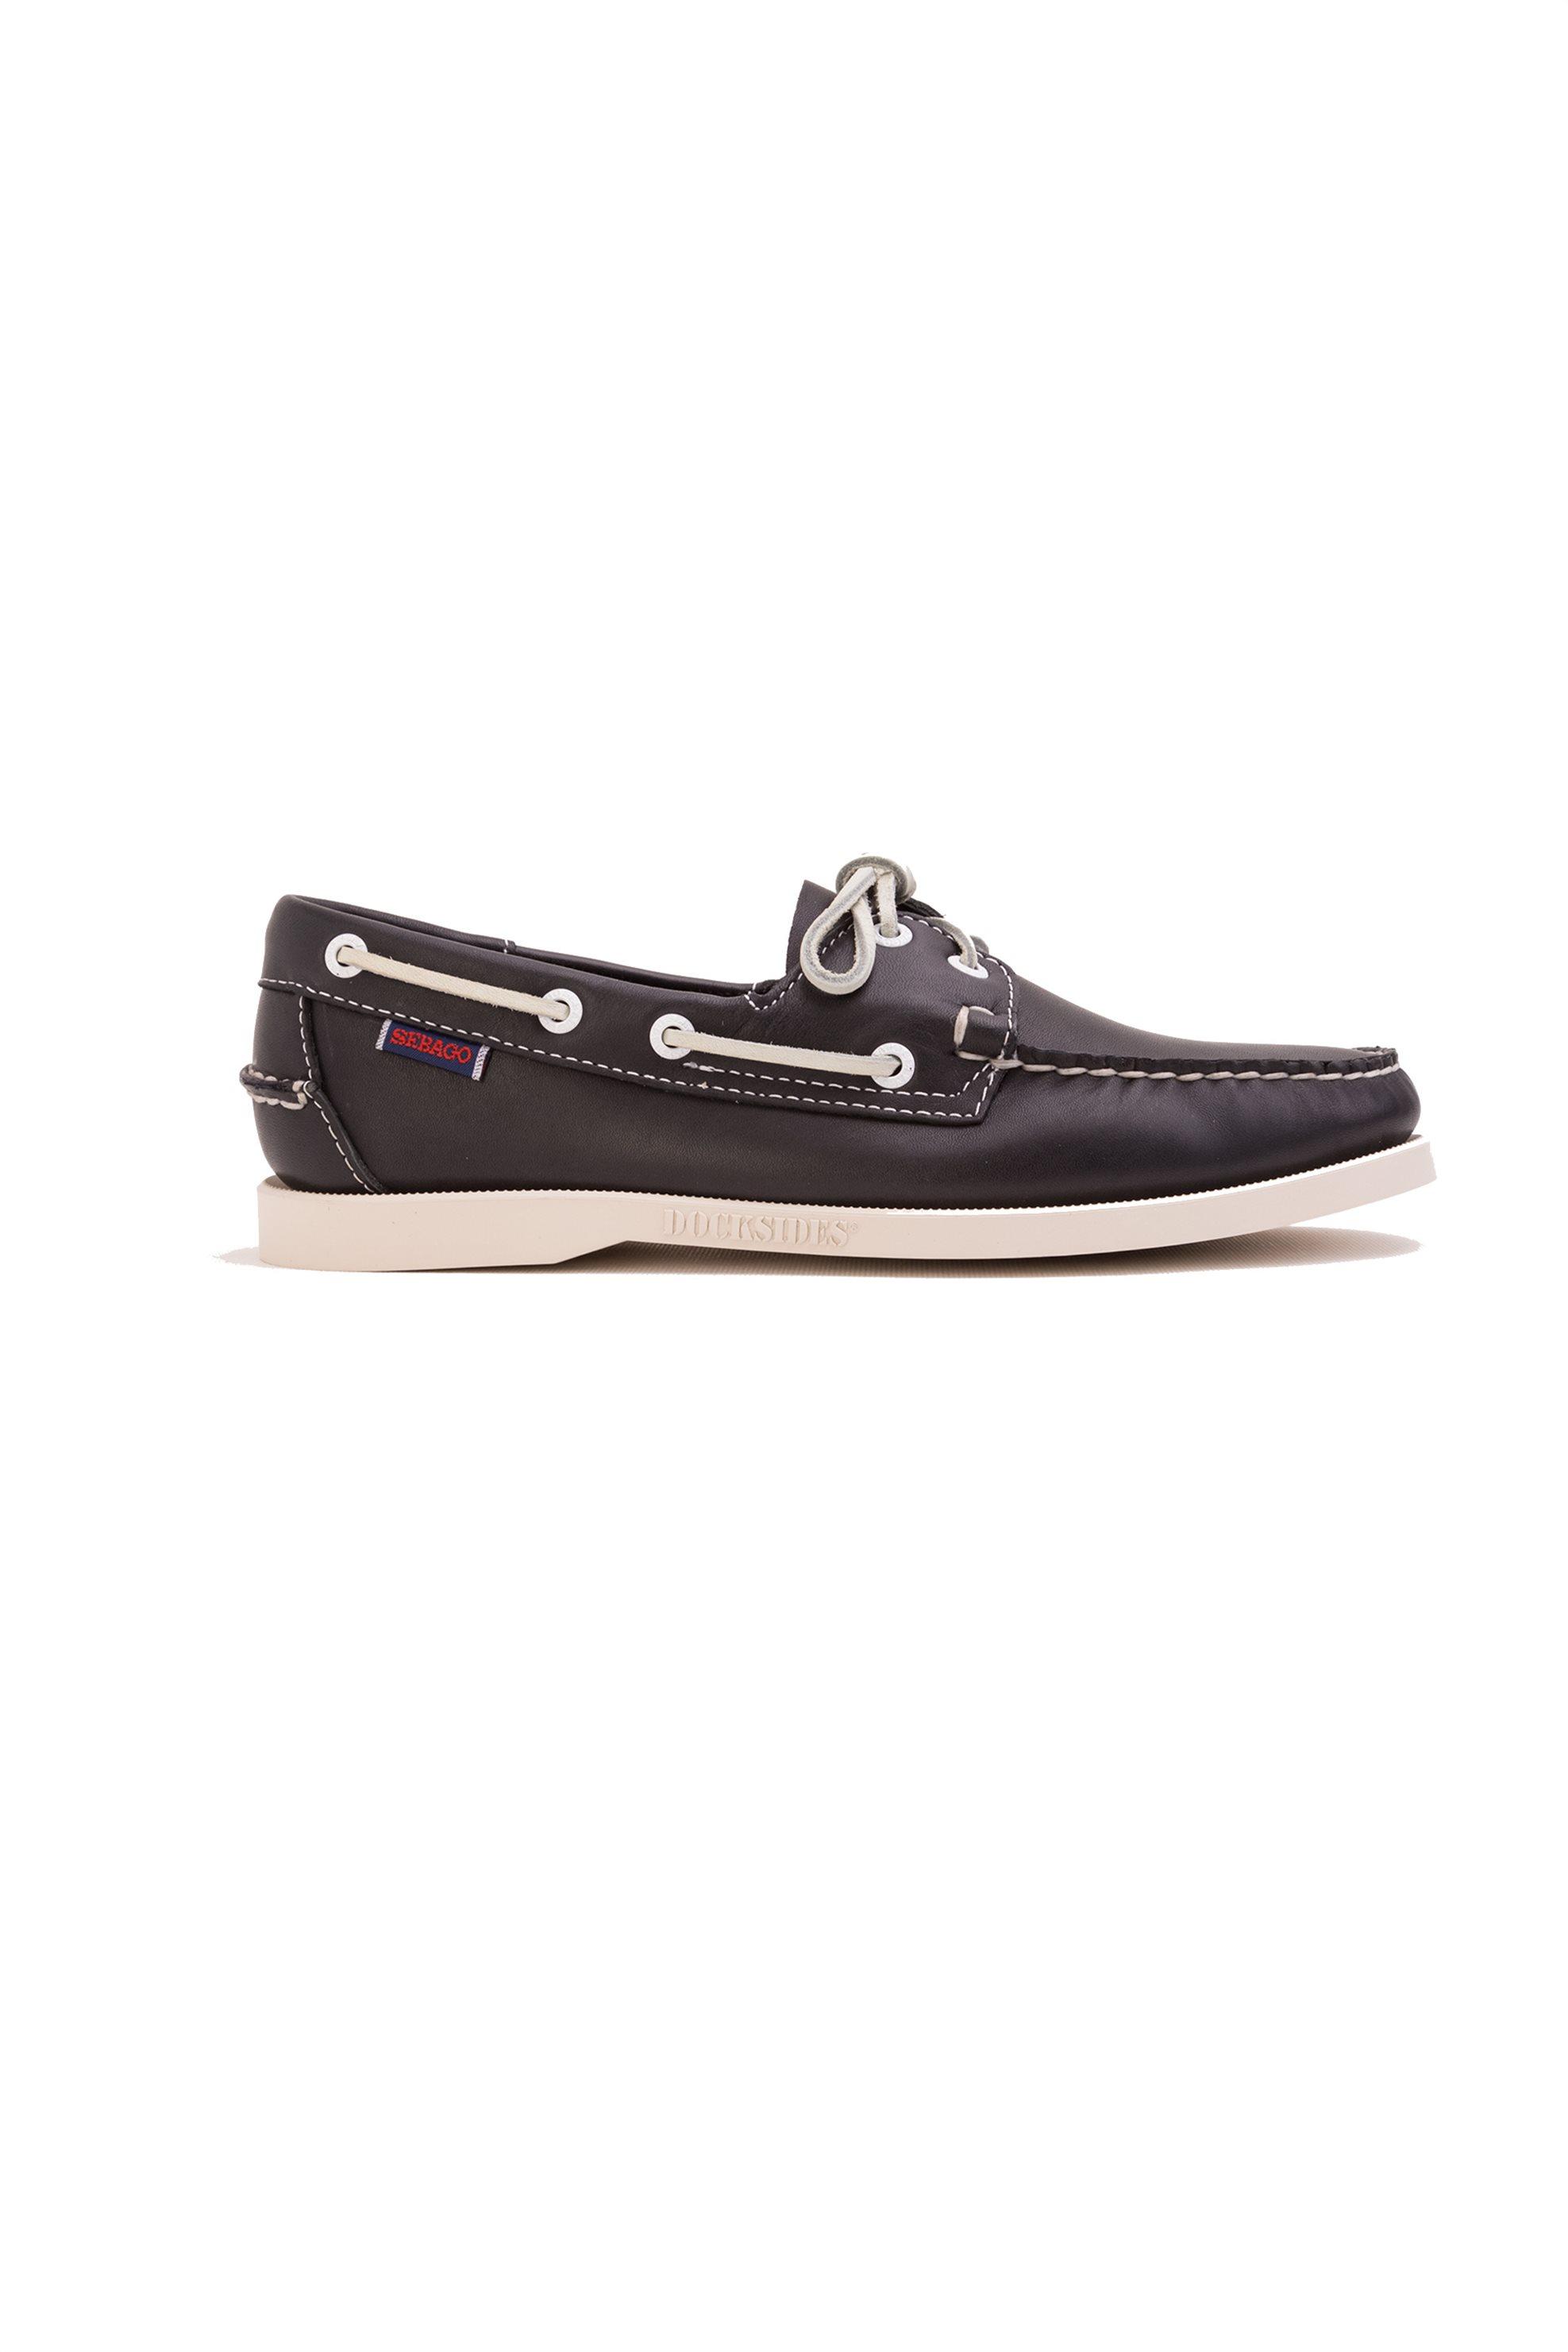 Ανδρικά παπούτσια boats Sebago - B72639-** - Μπλε ανδρασ   παπουτσια   boats